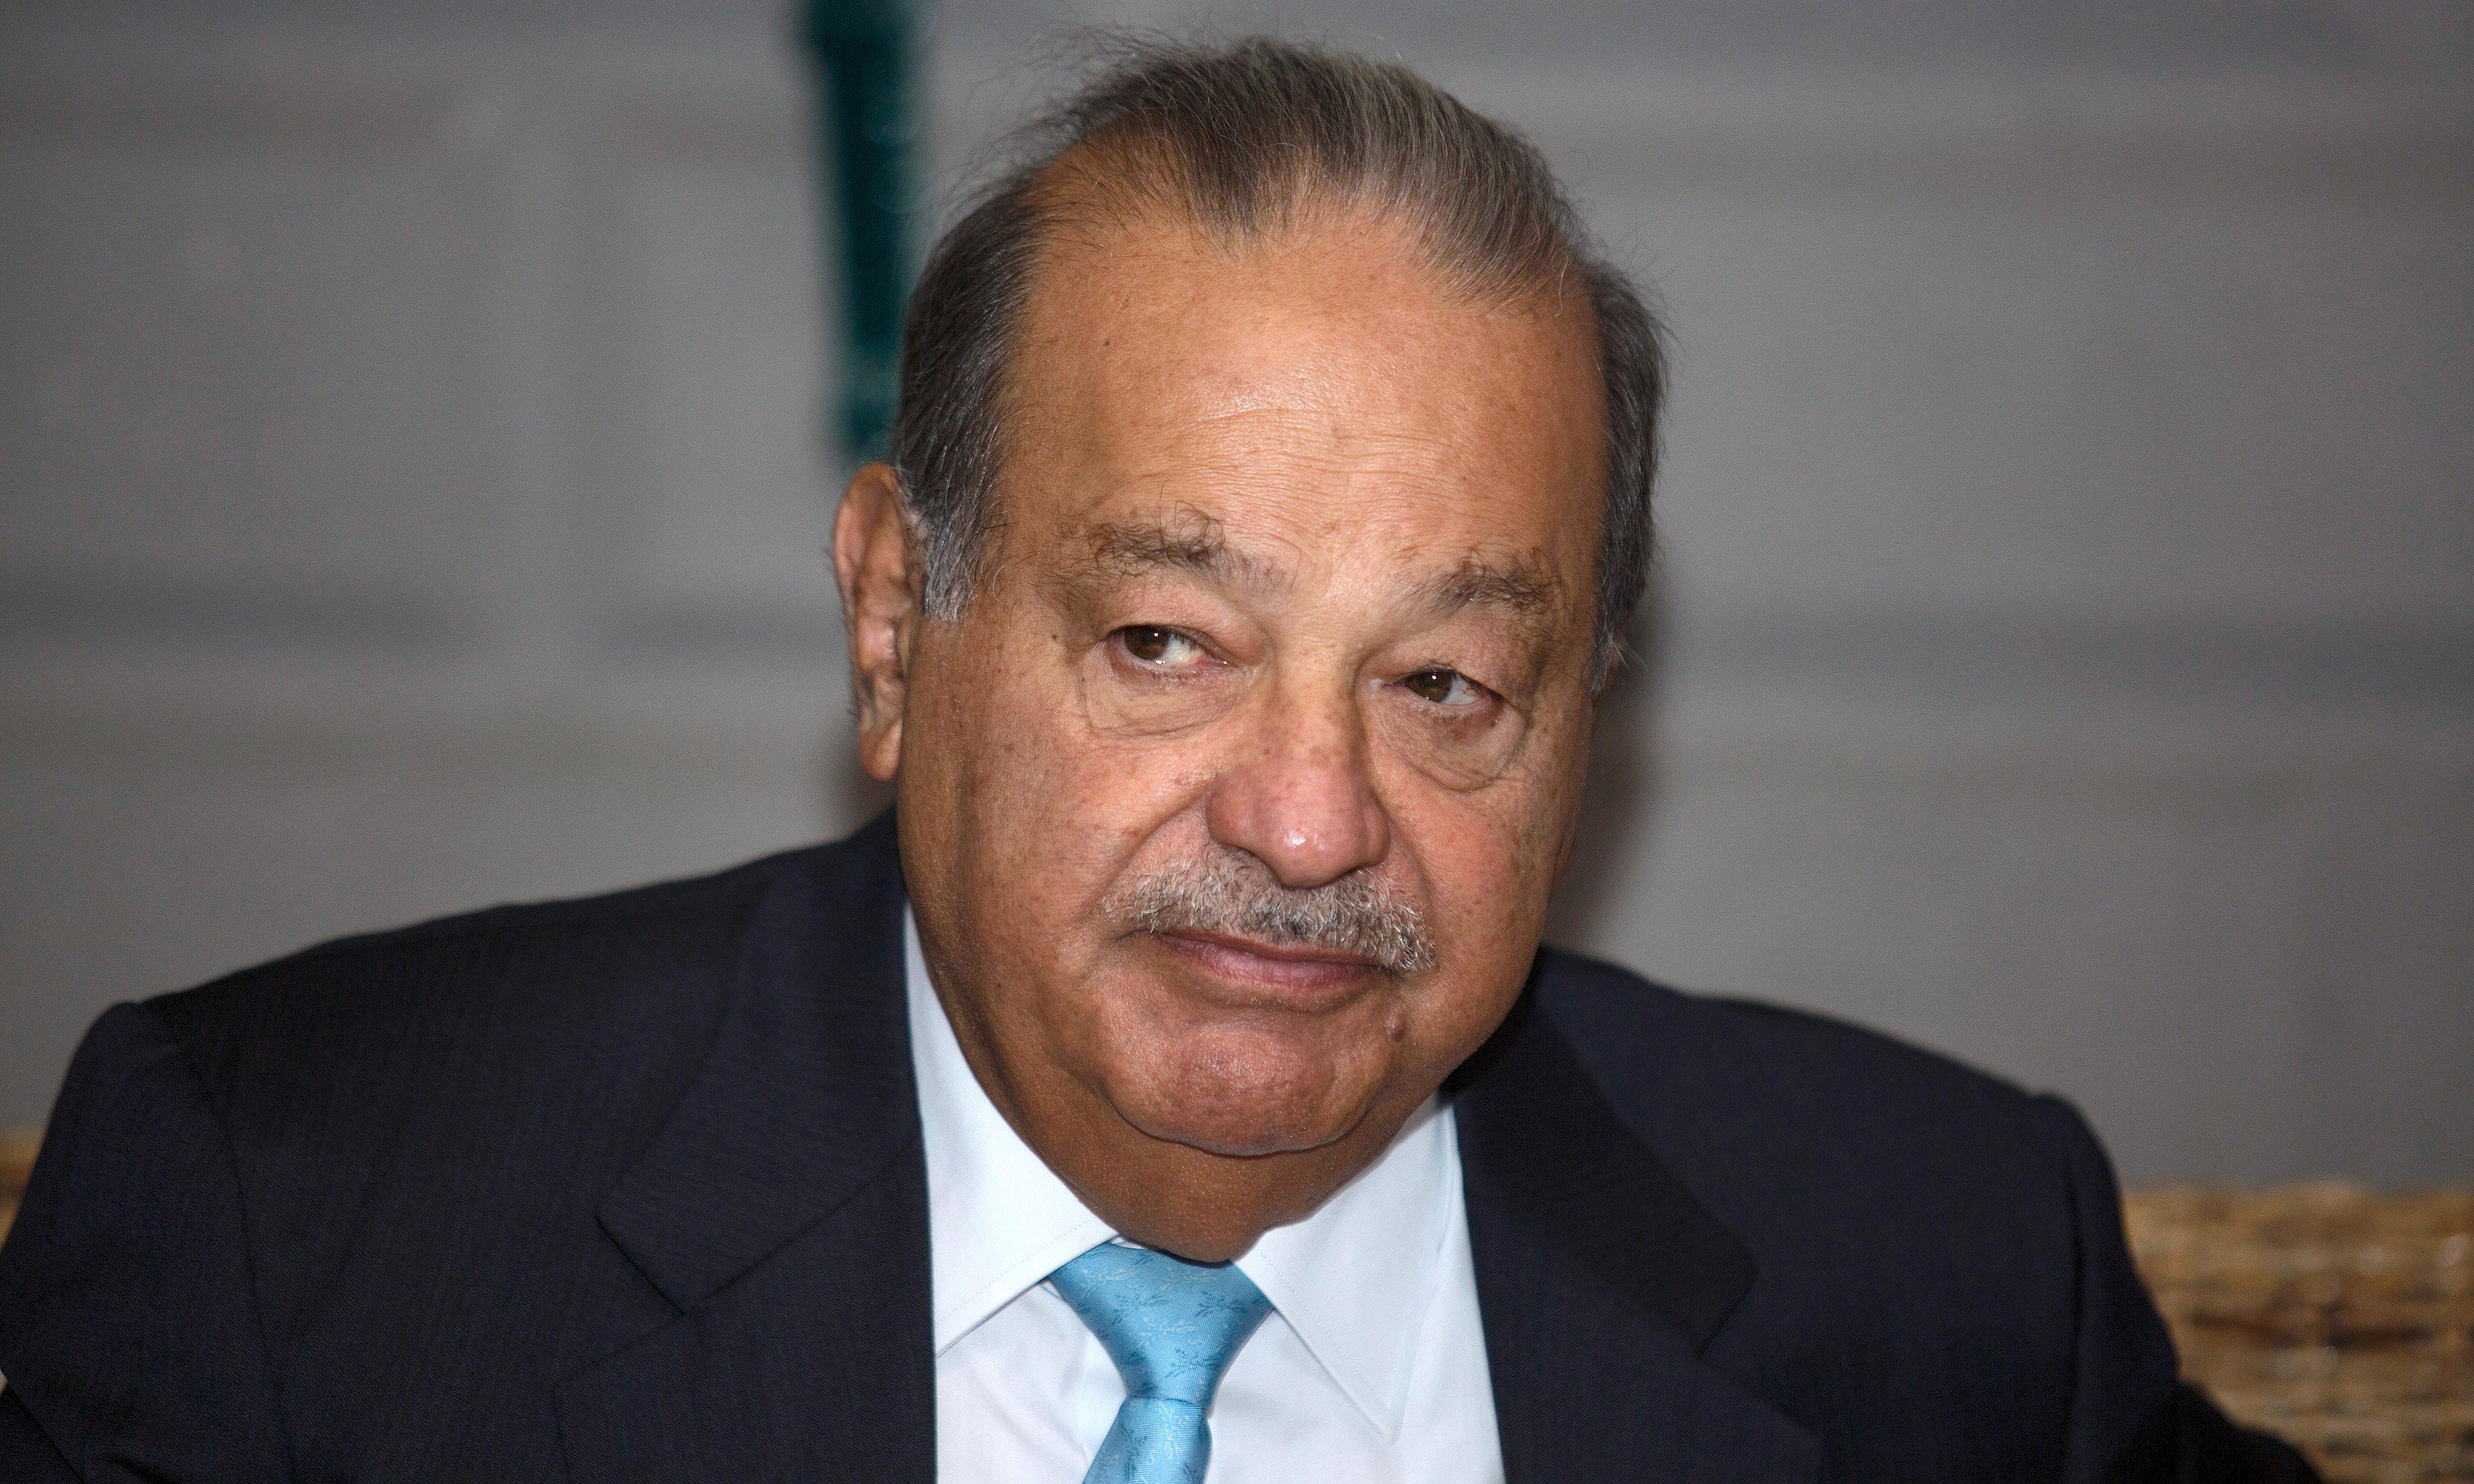 Who is more dangerous: El Chapo or Carlos Slim?